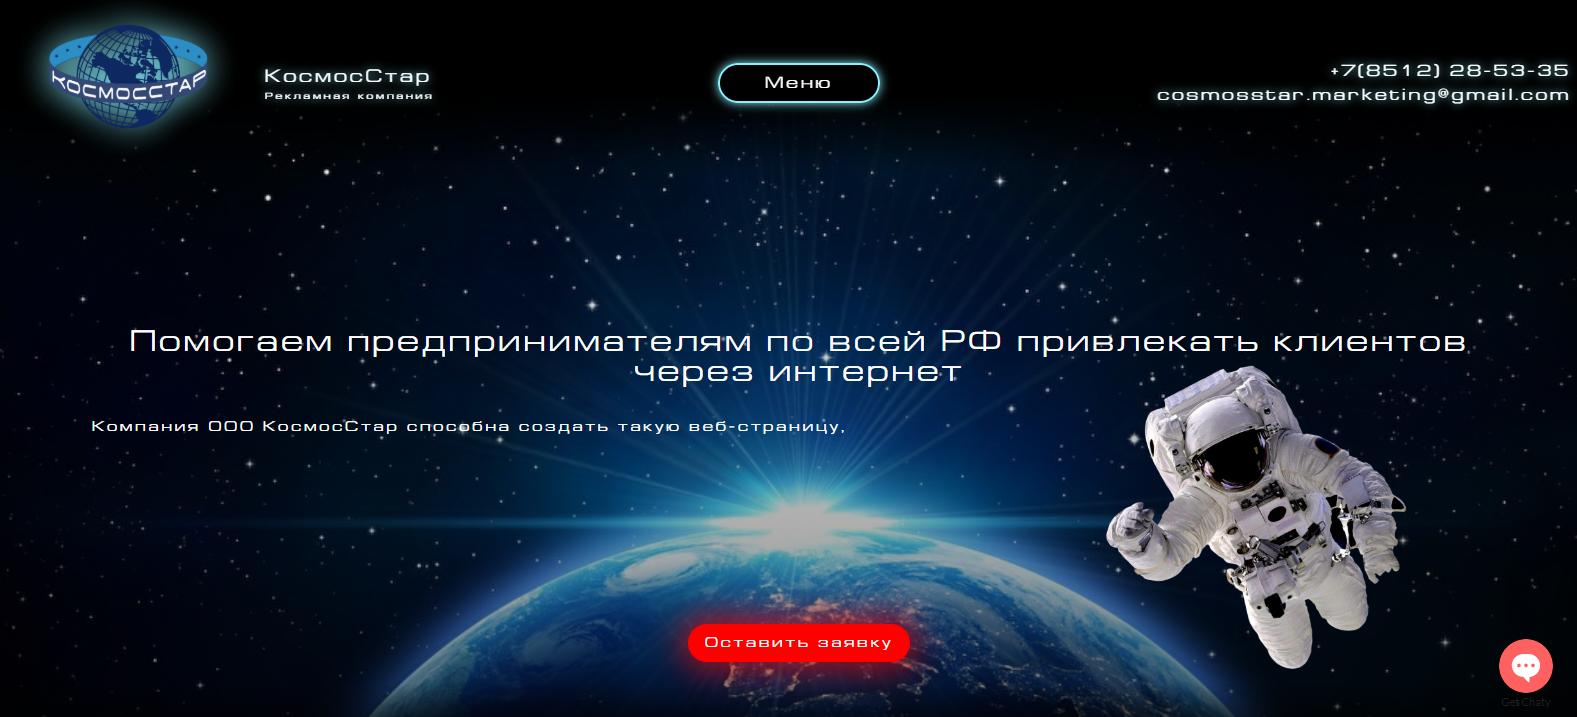 сайт в космическом стиле